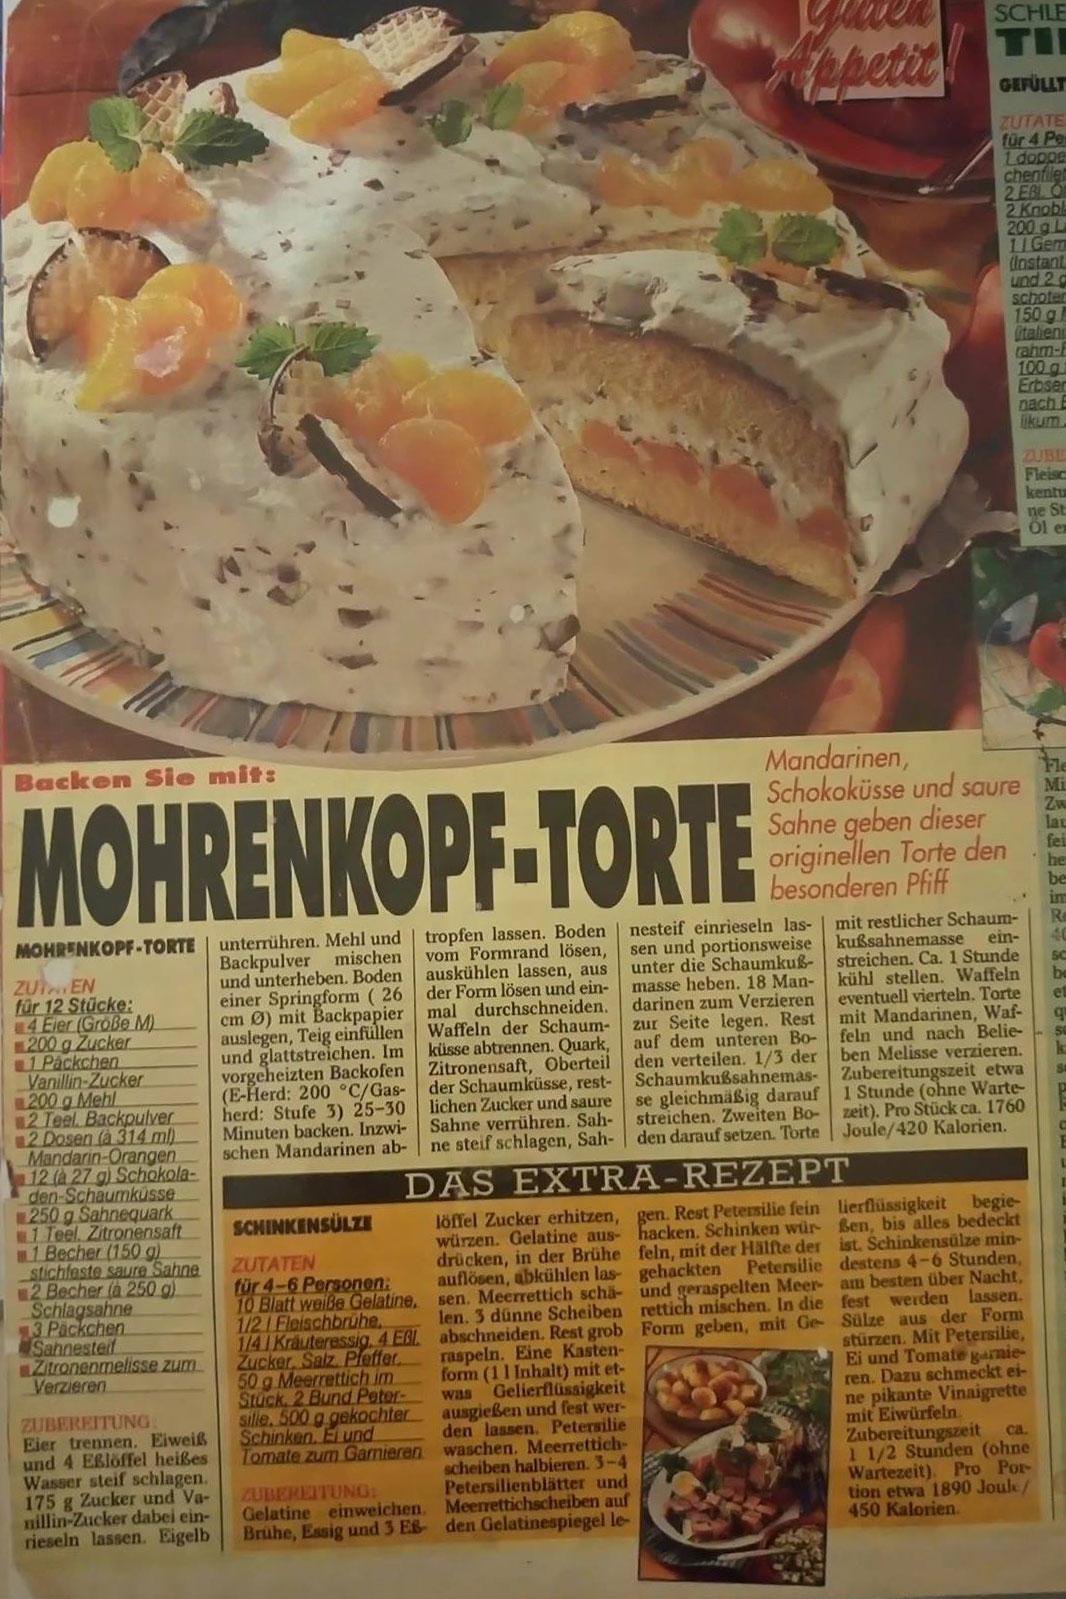 Ausschnitt aus Zeitschrift Original Schokokusstorte